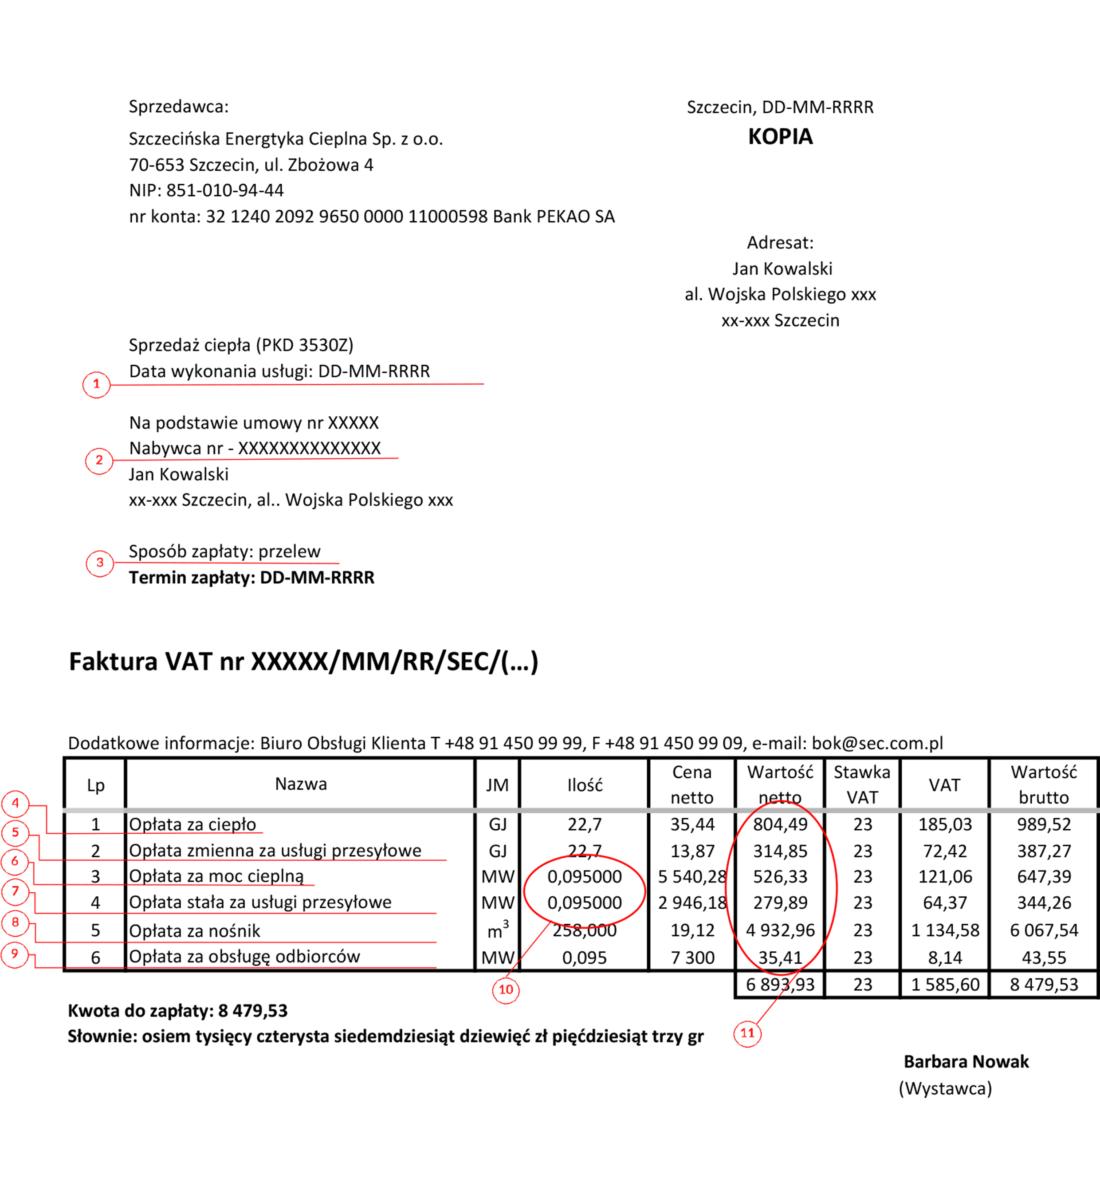 Opis faktury VAT - objaśnianie pojęć